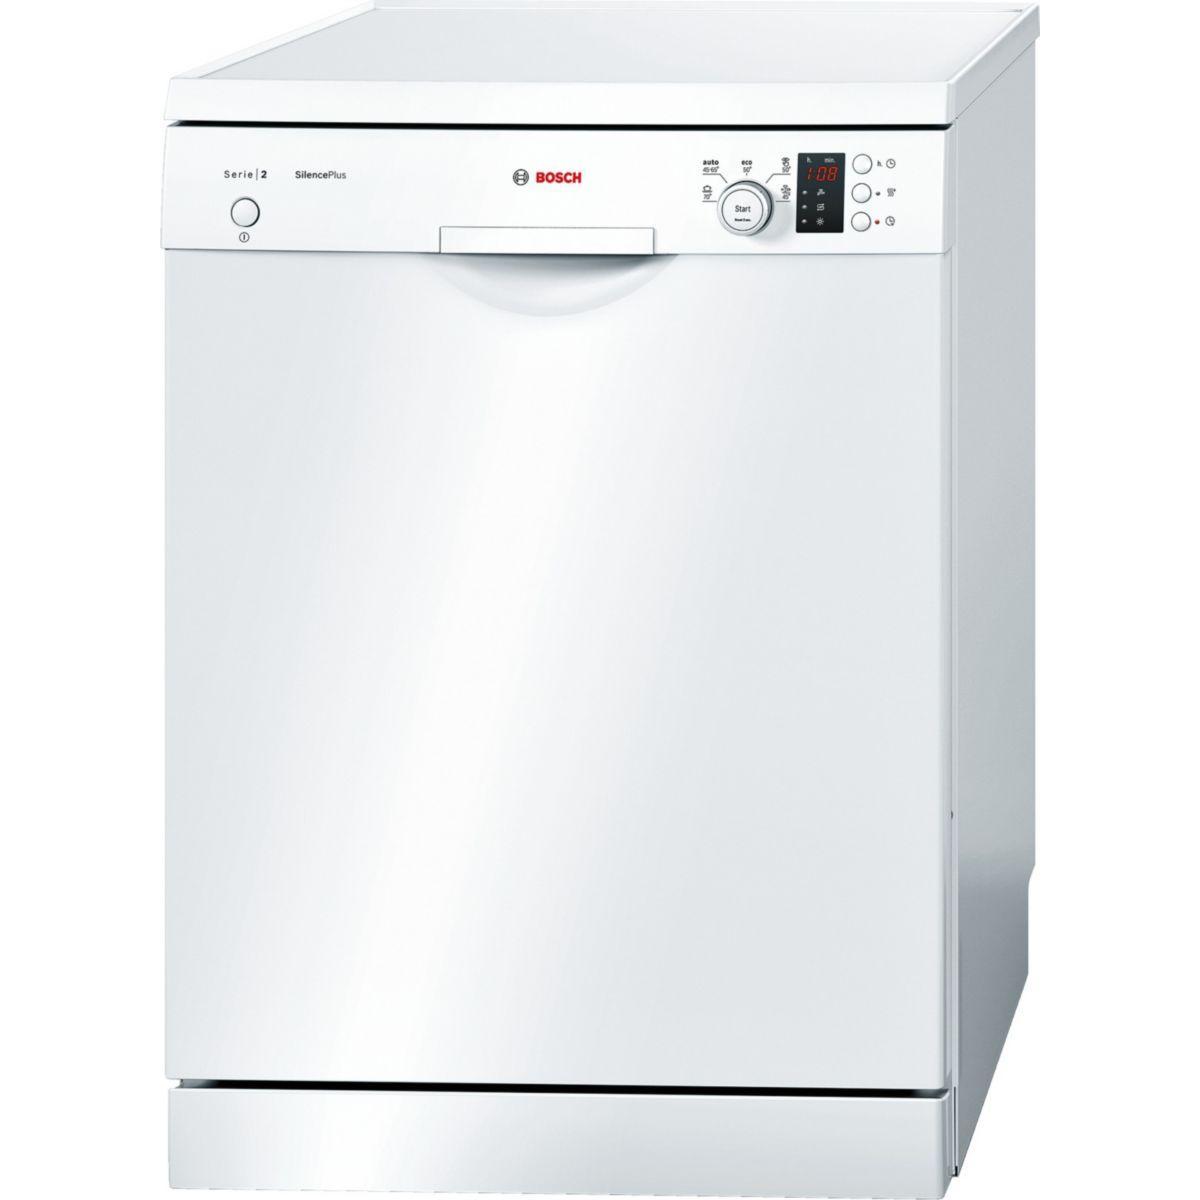 Lave vaisselle 60 cm bosch sms46iw00f - 10% de remise imm?diat...